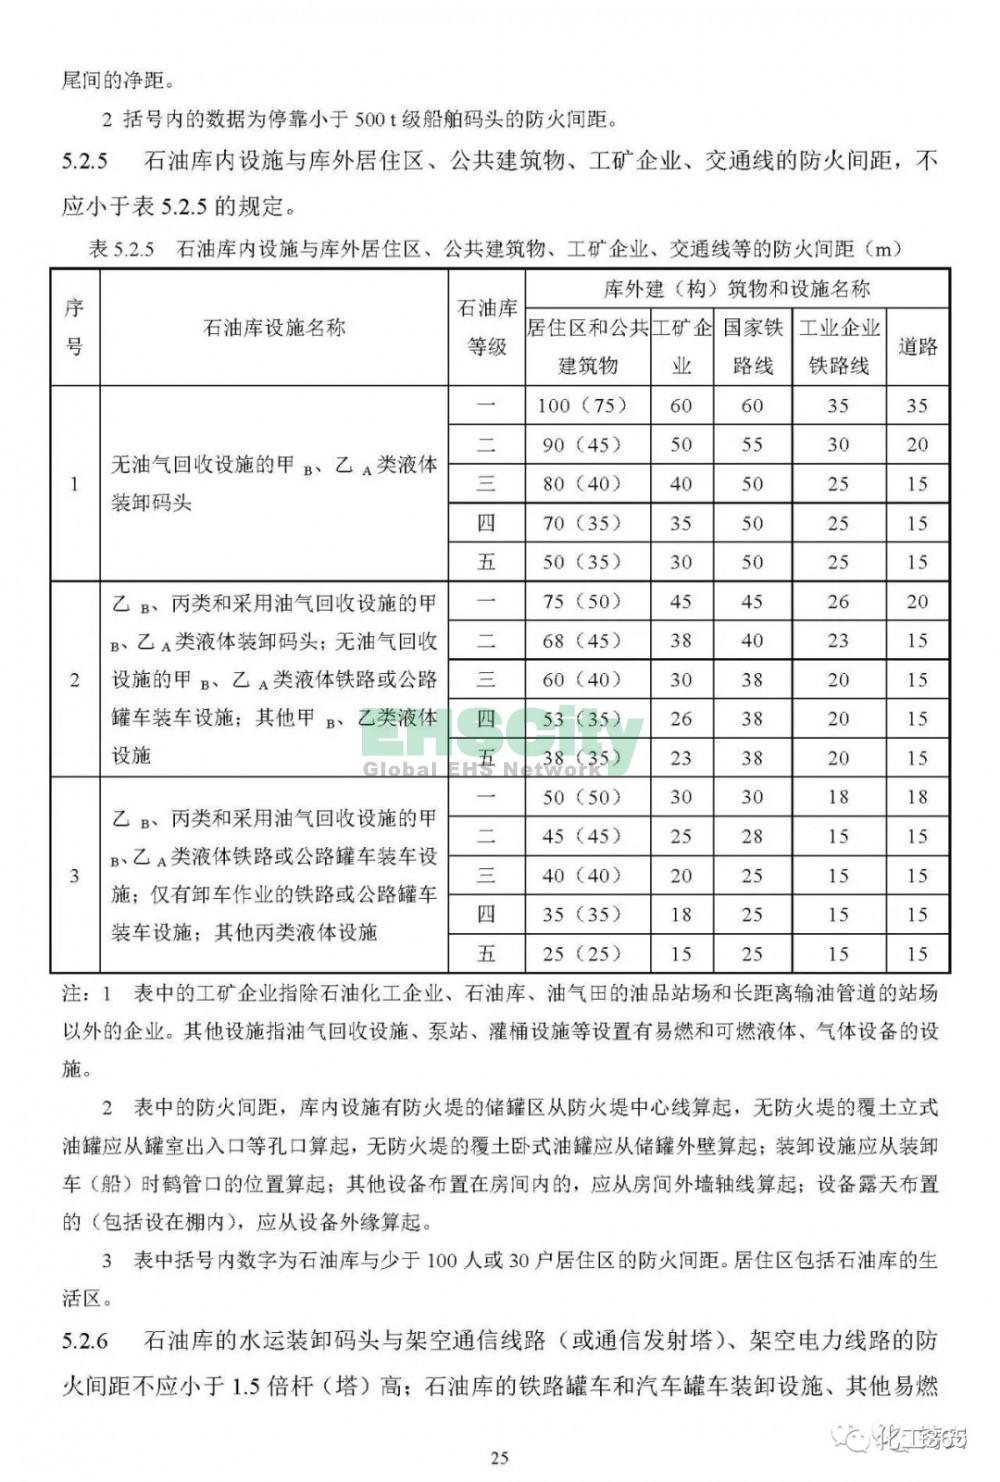 《可燃物储罐、装置及堆场防火通用规范》(初稿)  (27)